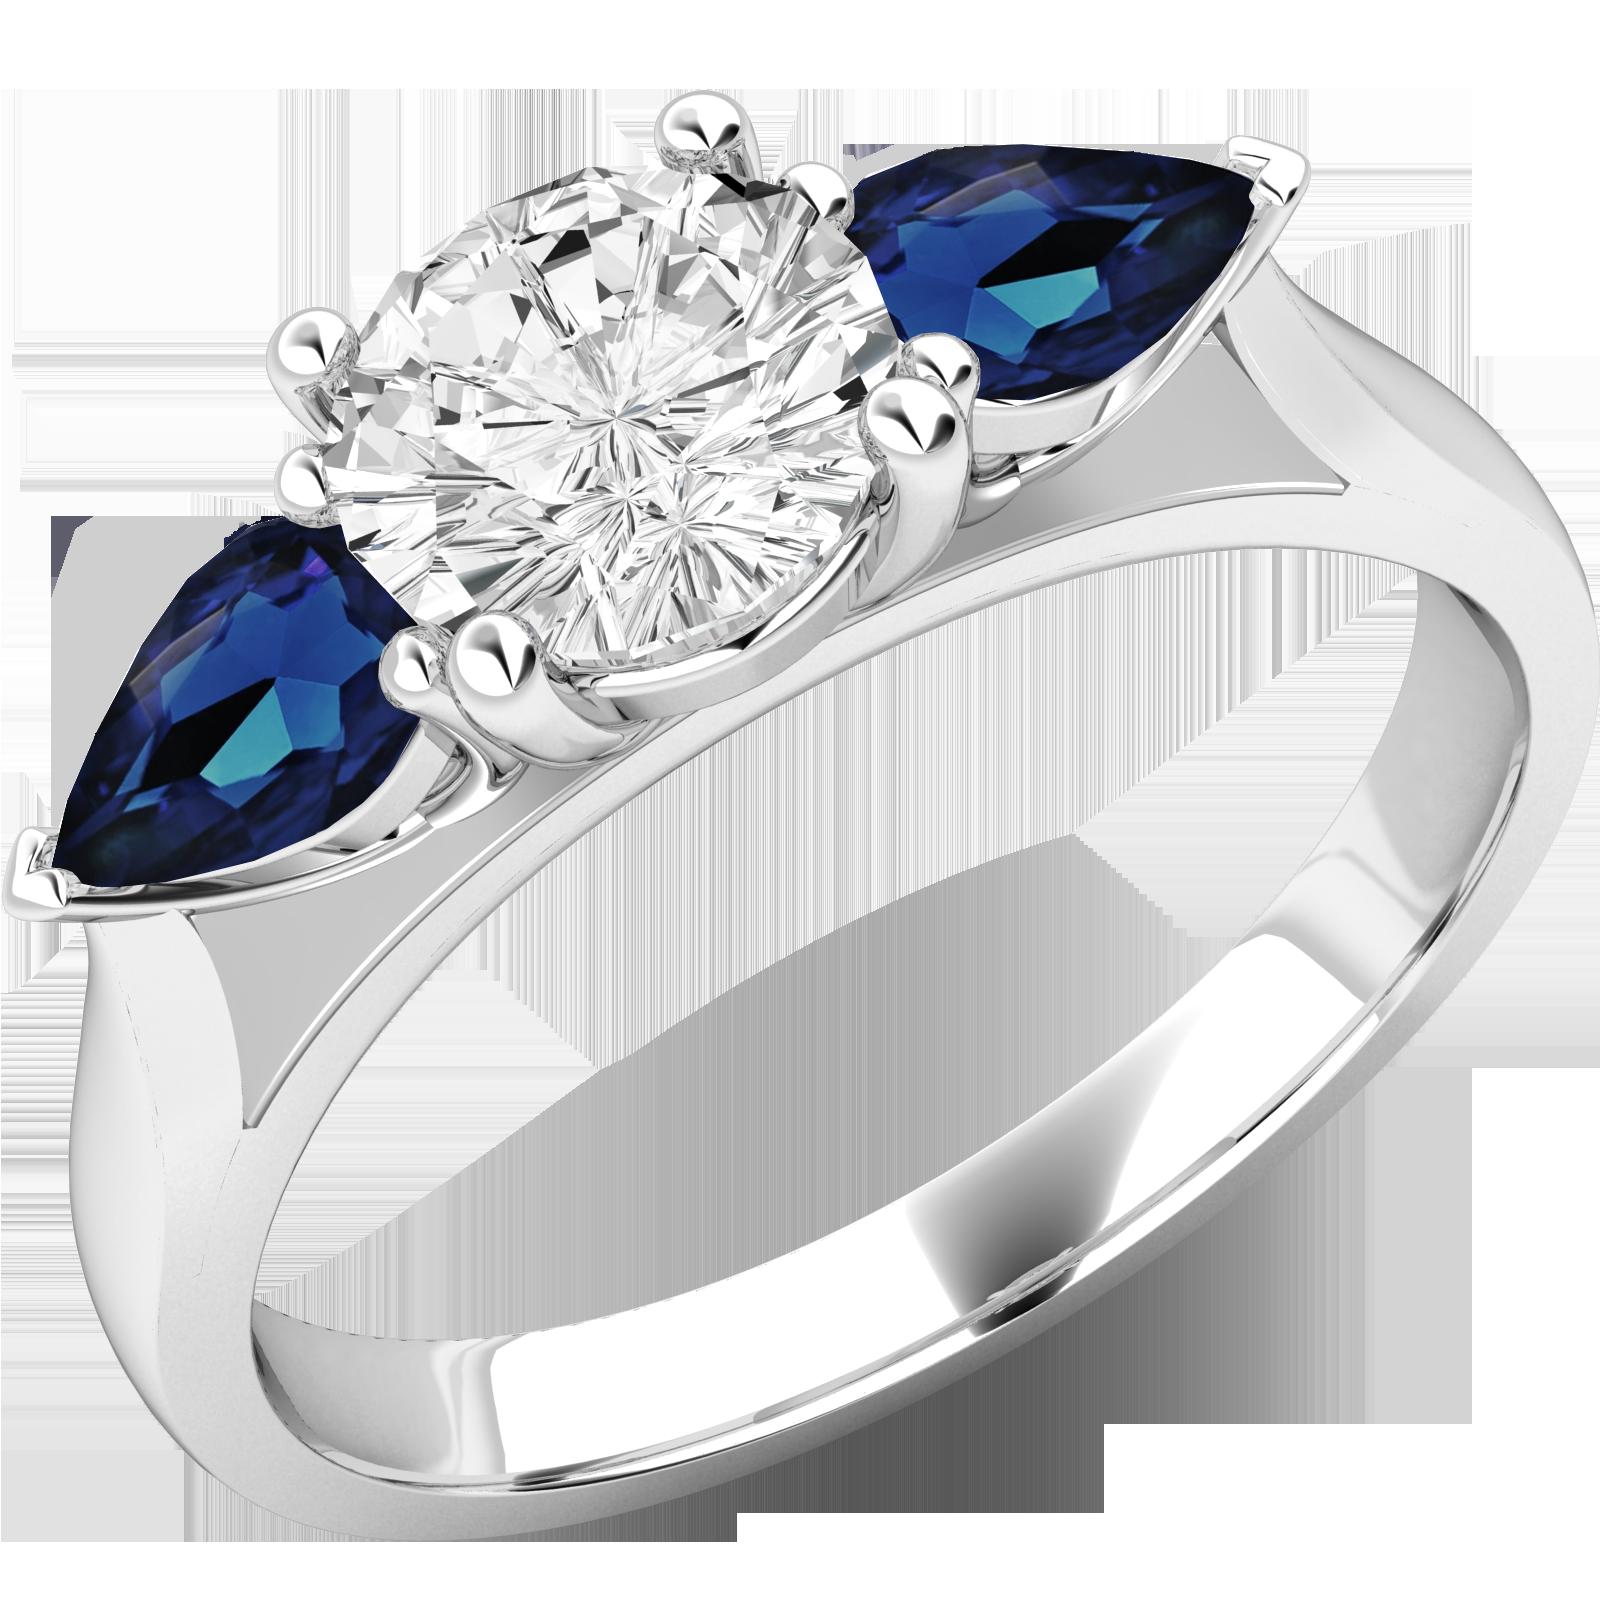 RDSS528W-Inel cu Diamant si Safir Dama Aur Alb 18kt cu un Diamant Rotund Brilliant in Mijloc si 2 Safire in Forma de Para pe Margini-img1